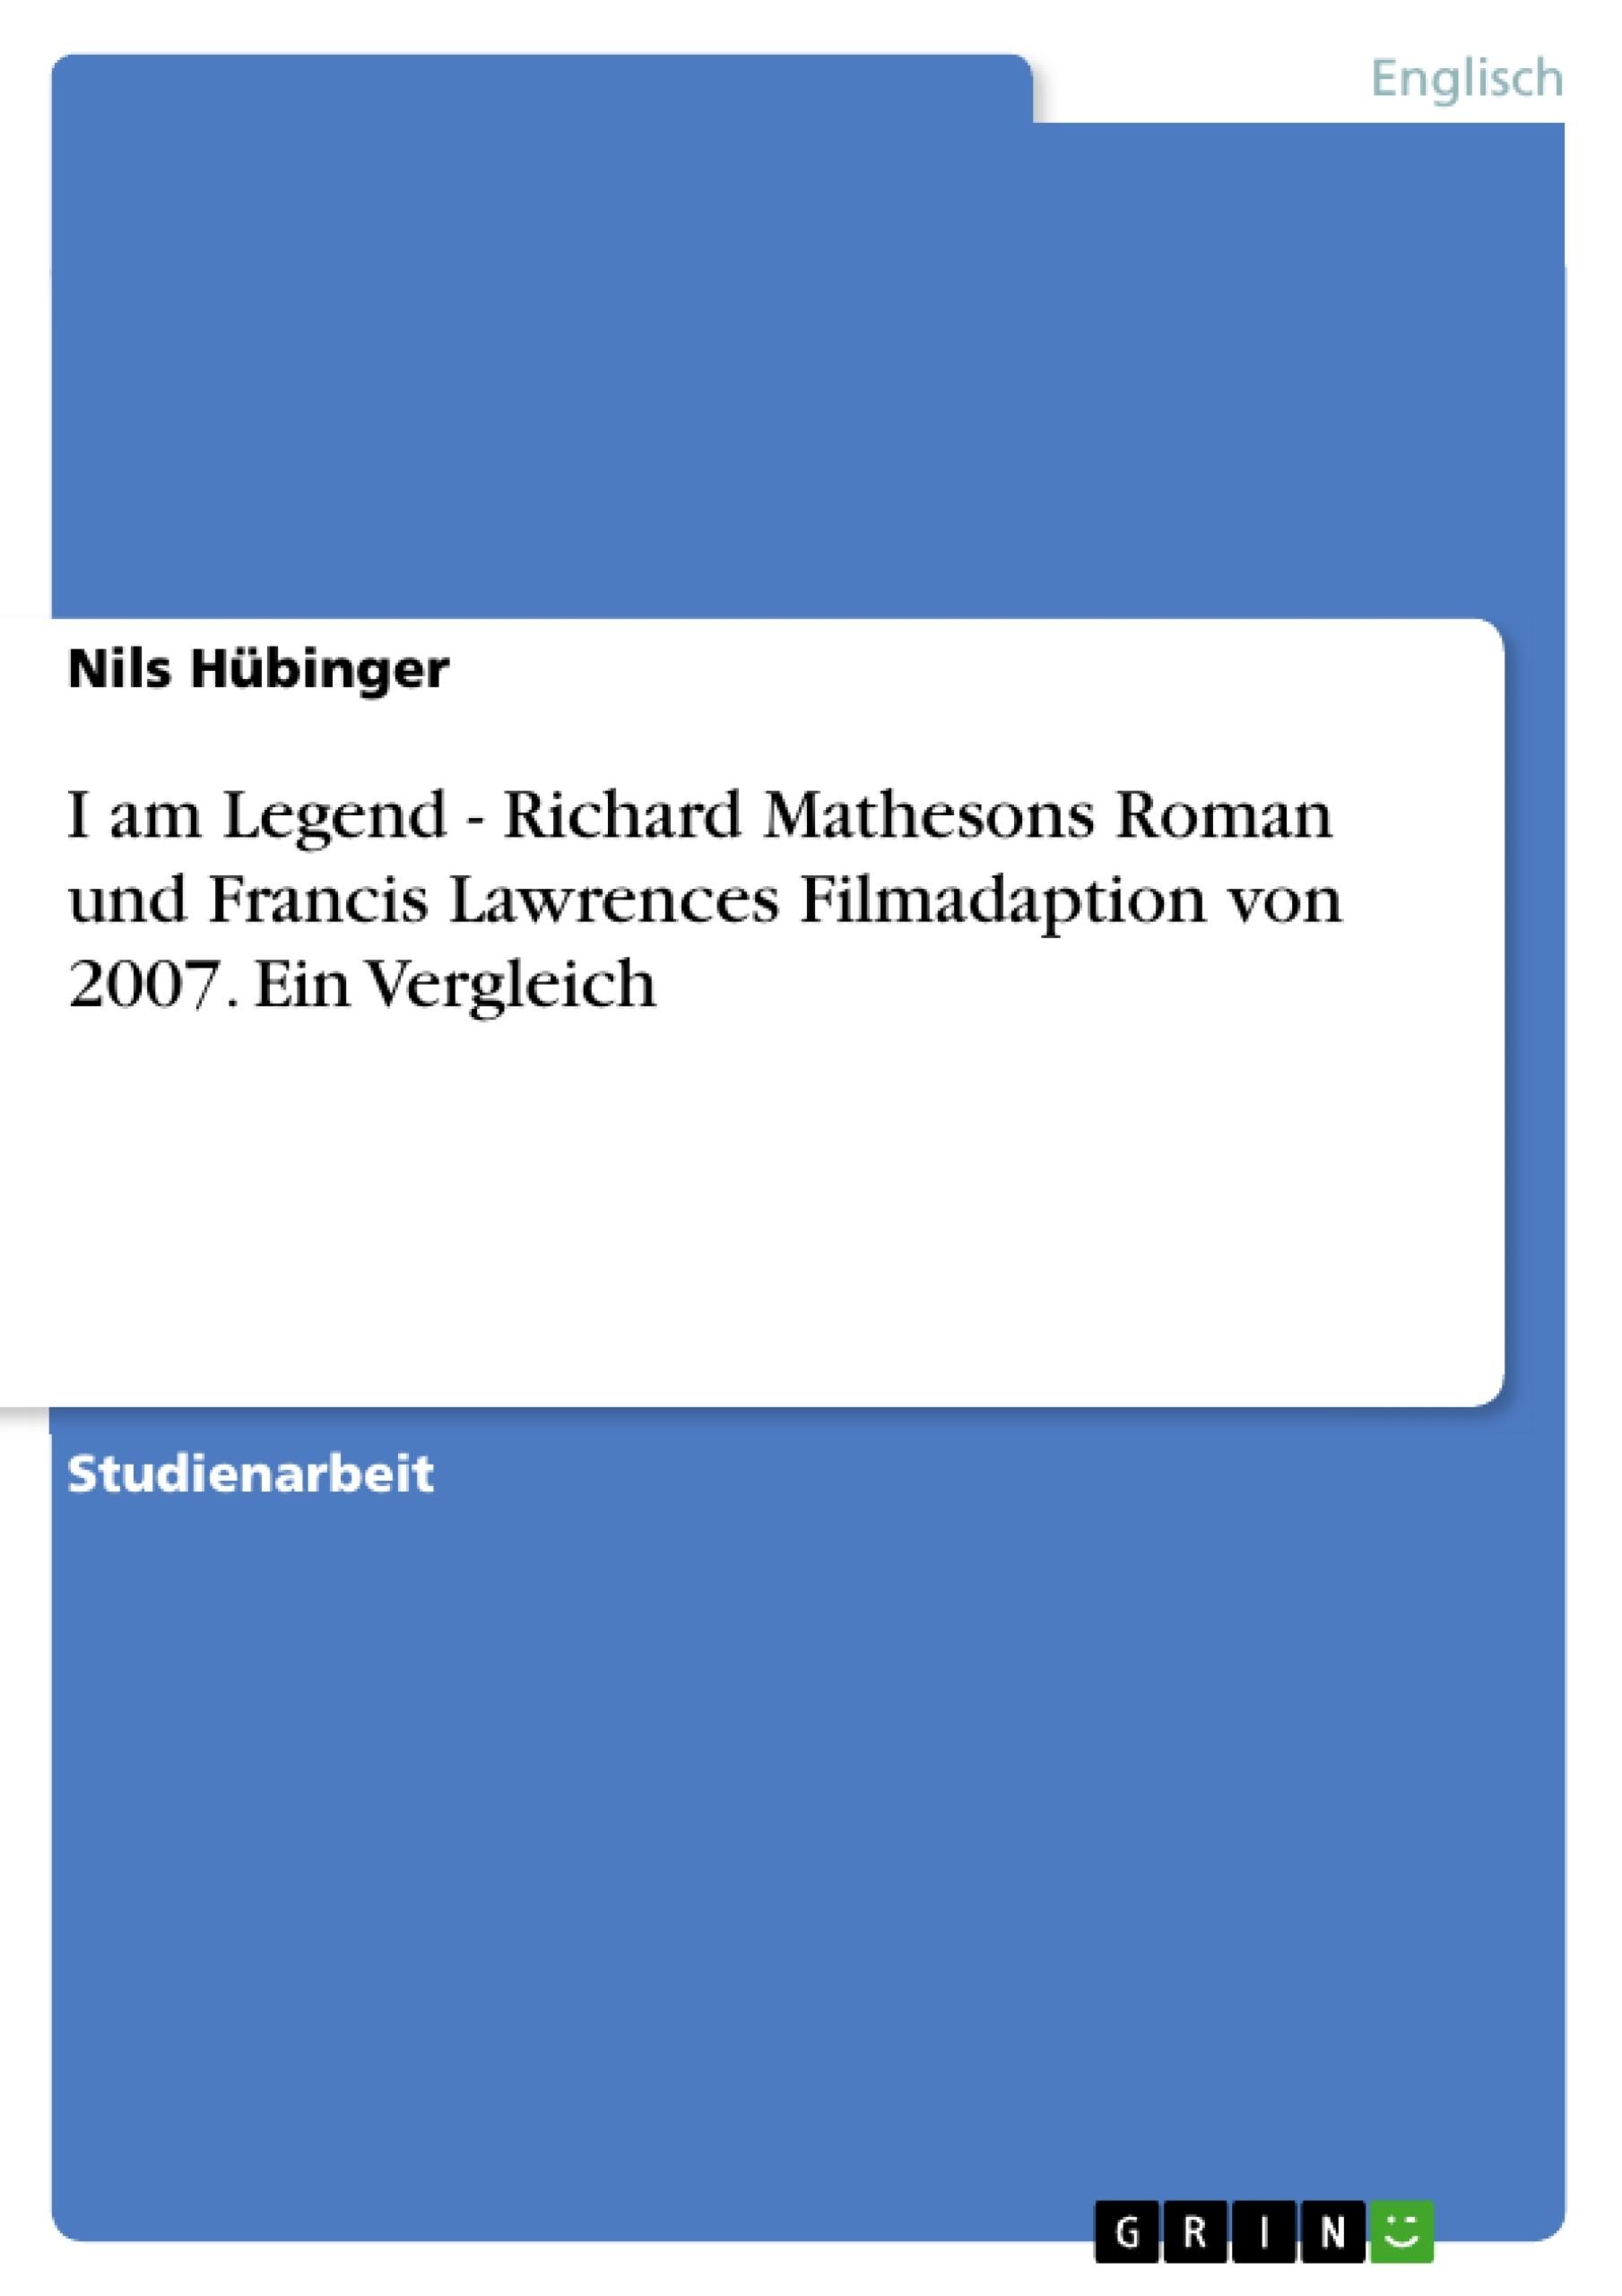 Titel: I am Legend - Richard Mathesons Roman und Francis Lawrences Filmadaption von 2007. Ein Vergleich